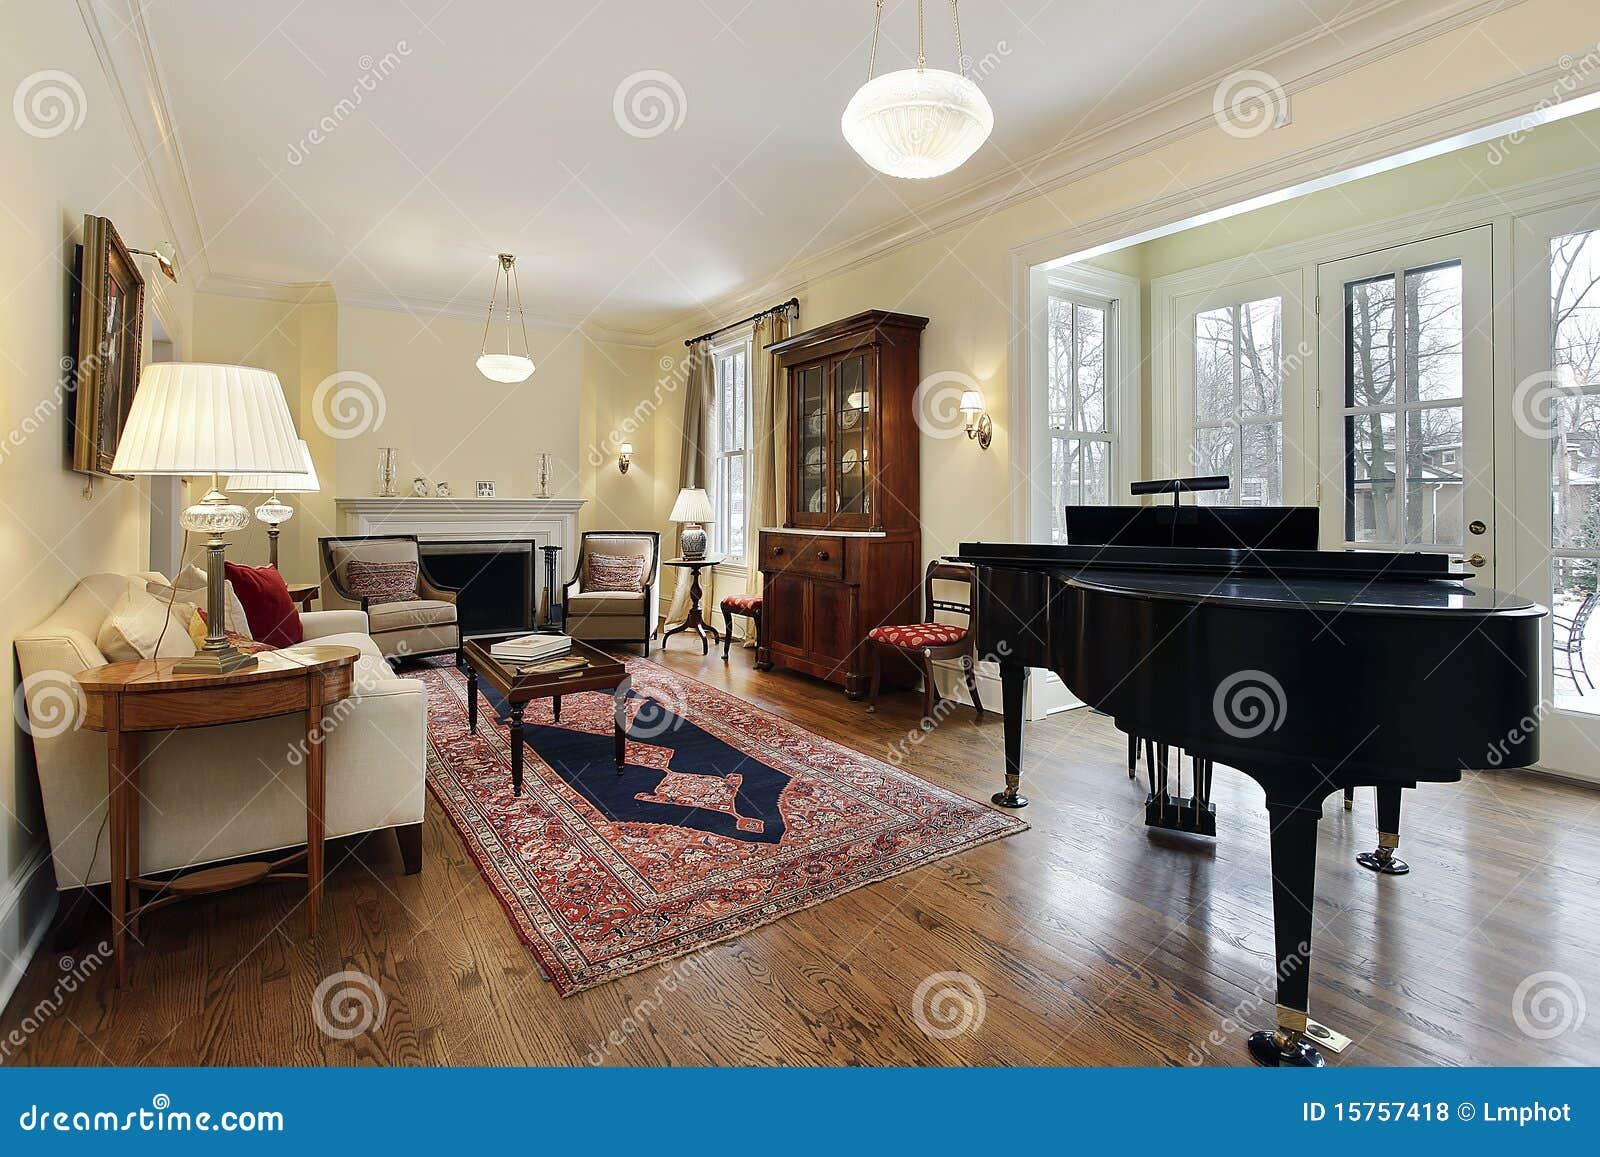 woonkamer met grote piano stock foto afbeelding bestaande uit stof 15757418. Black Bedroom Furniture Sets. Home Design Ideas